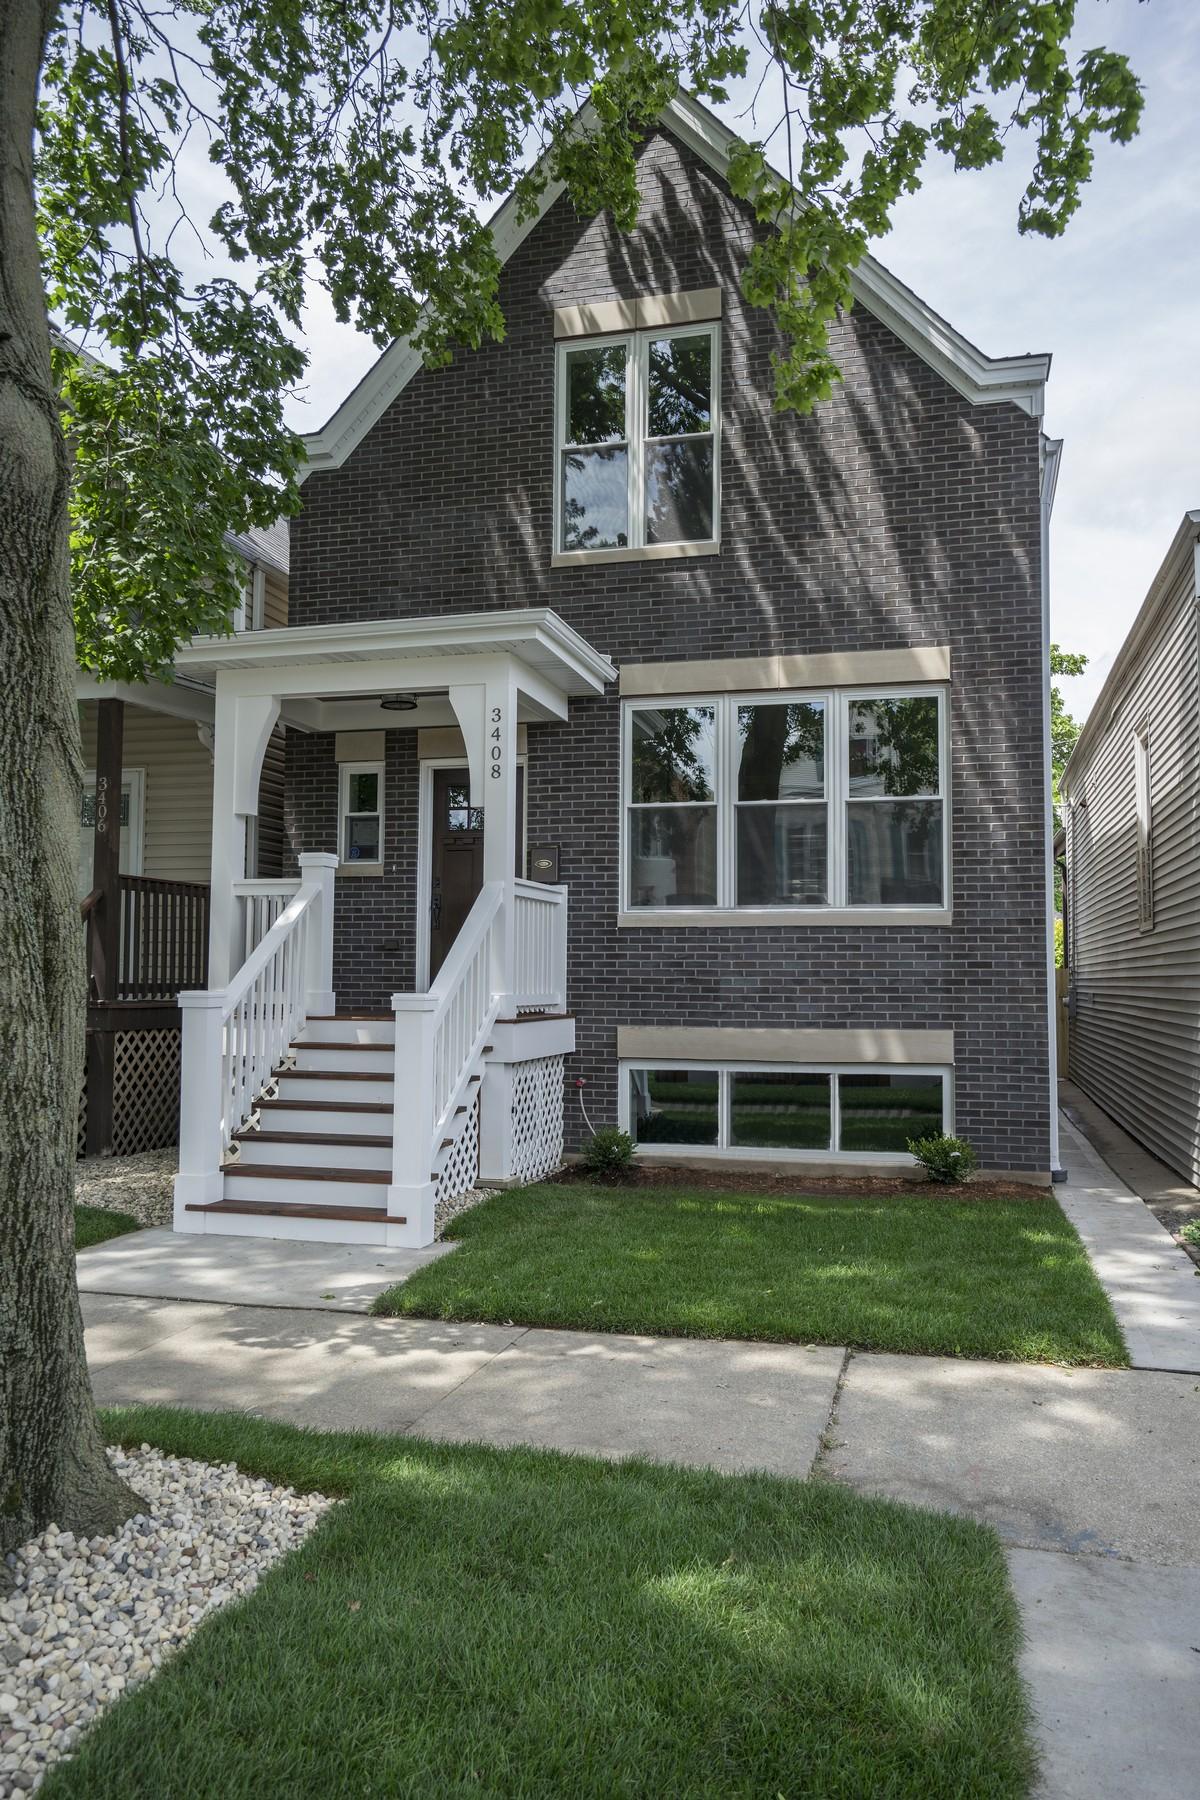 Maison unifamiliale pour l Vente à Charming Single Family Brick Home 3408 N Albany Avenue Avondale, Chicago, Illinois, 60618 États-Unis